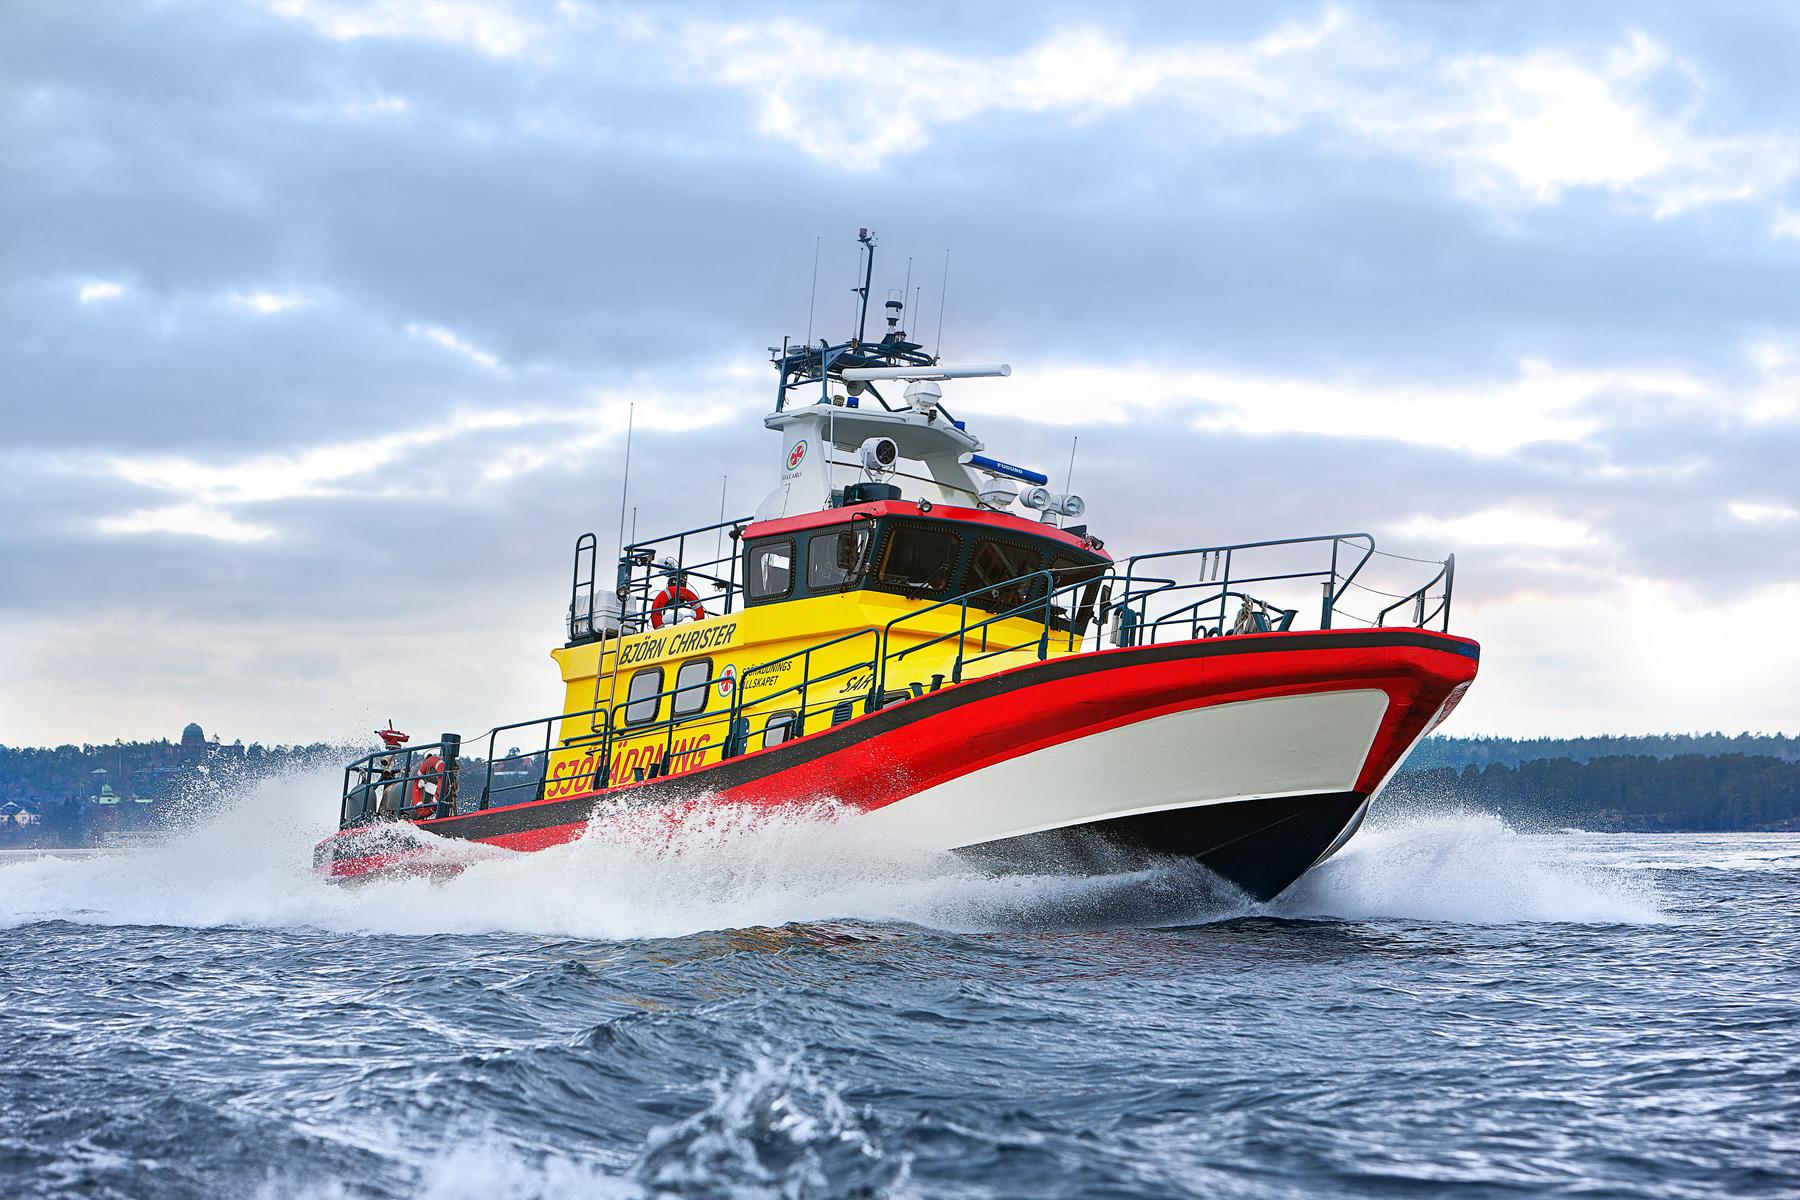 スカニアの船舶用エンジンにもV8が用意されている。写真はスウェーデン海難救助協会が持つ20メートル級高速救助船